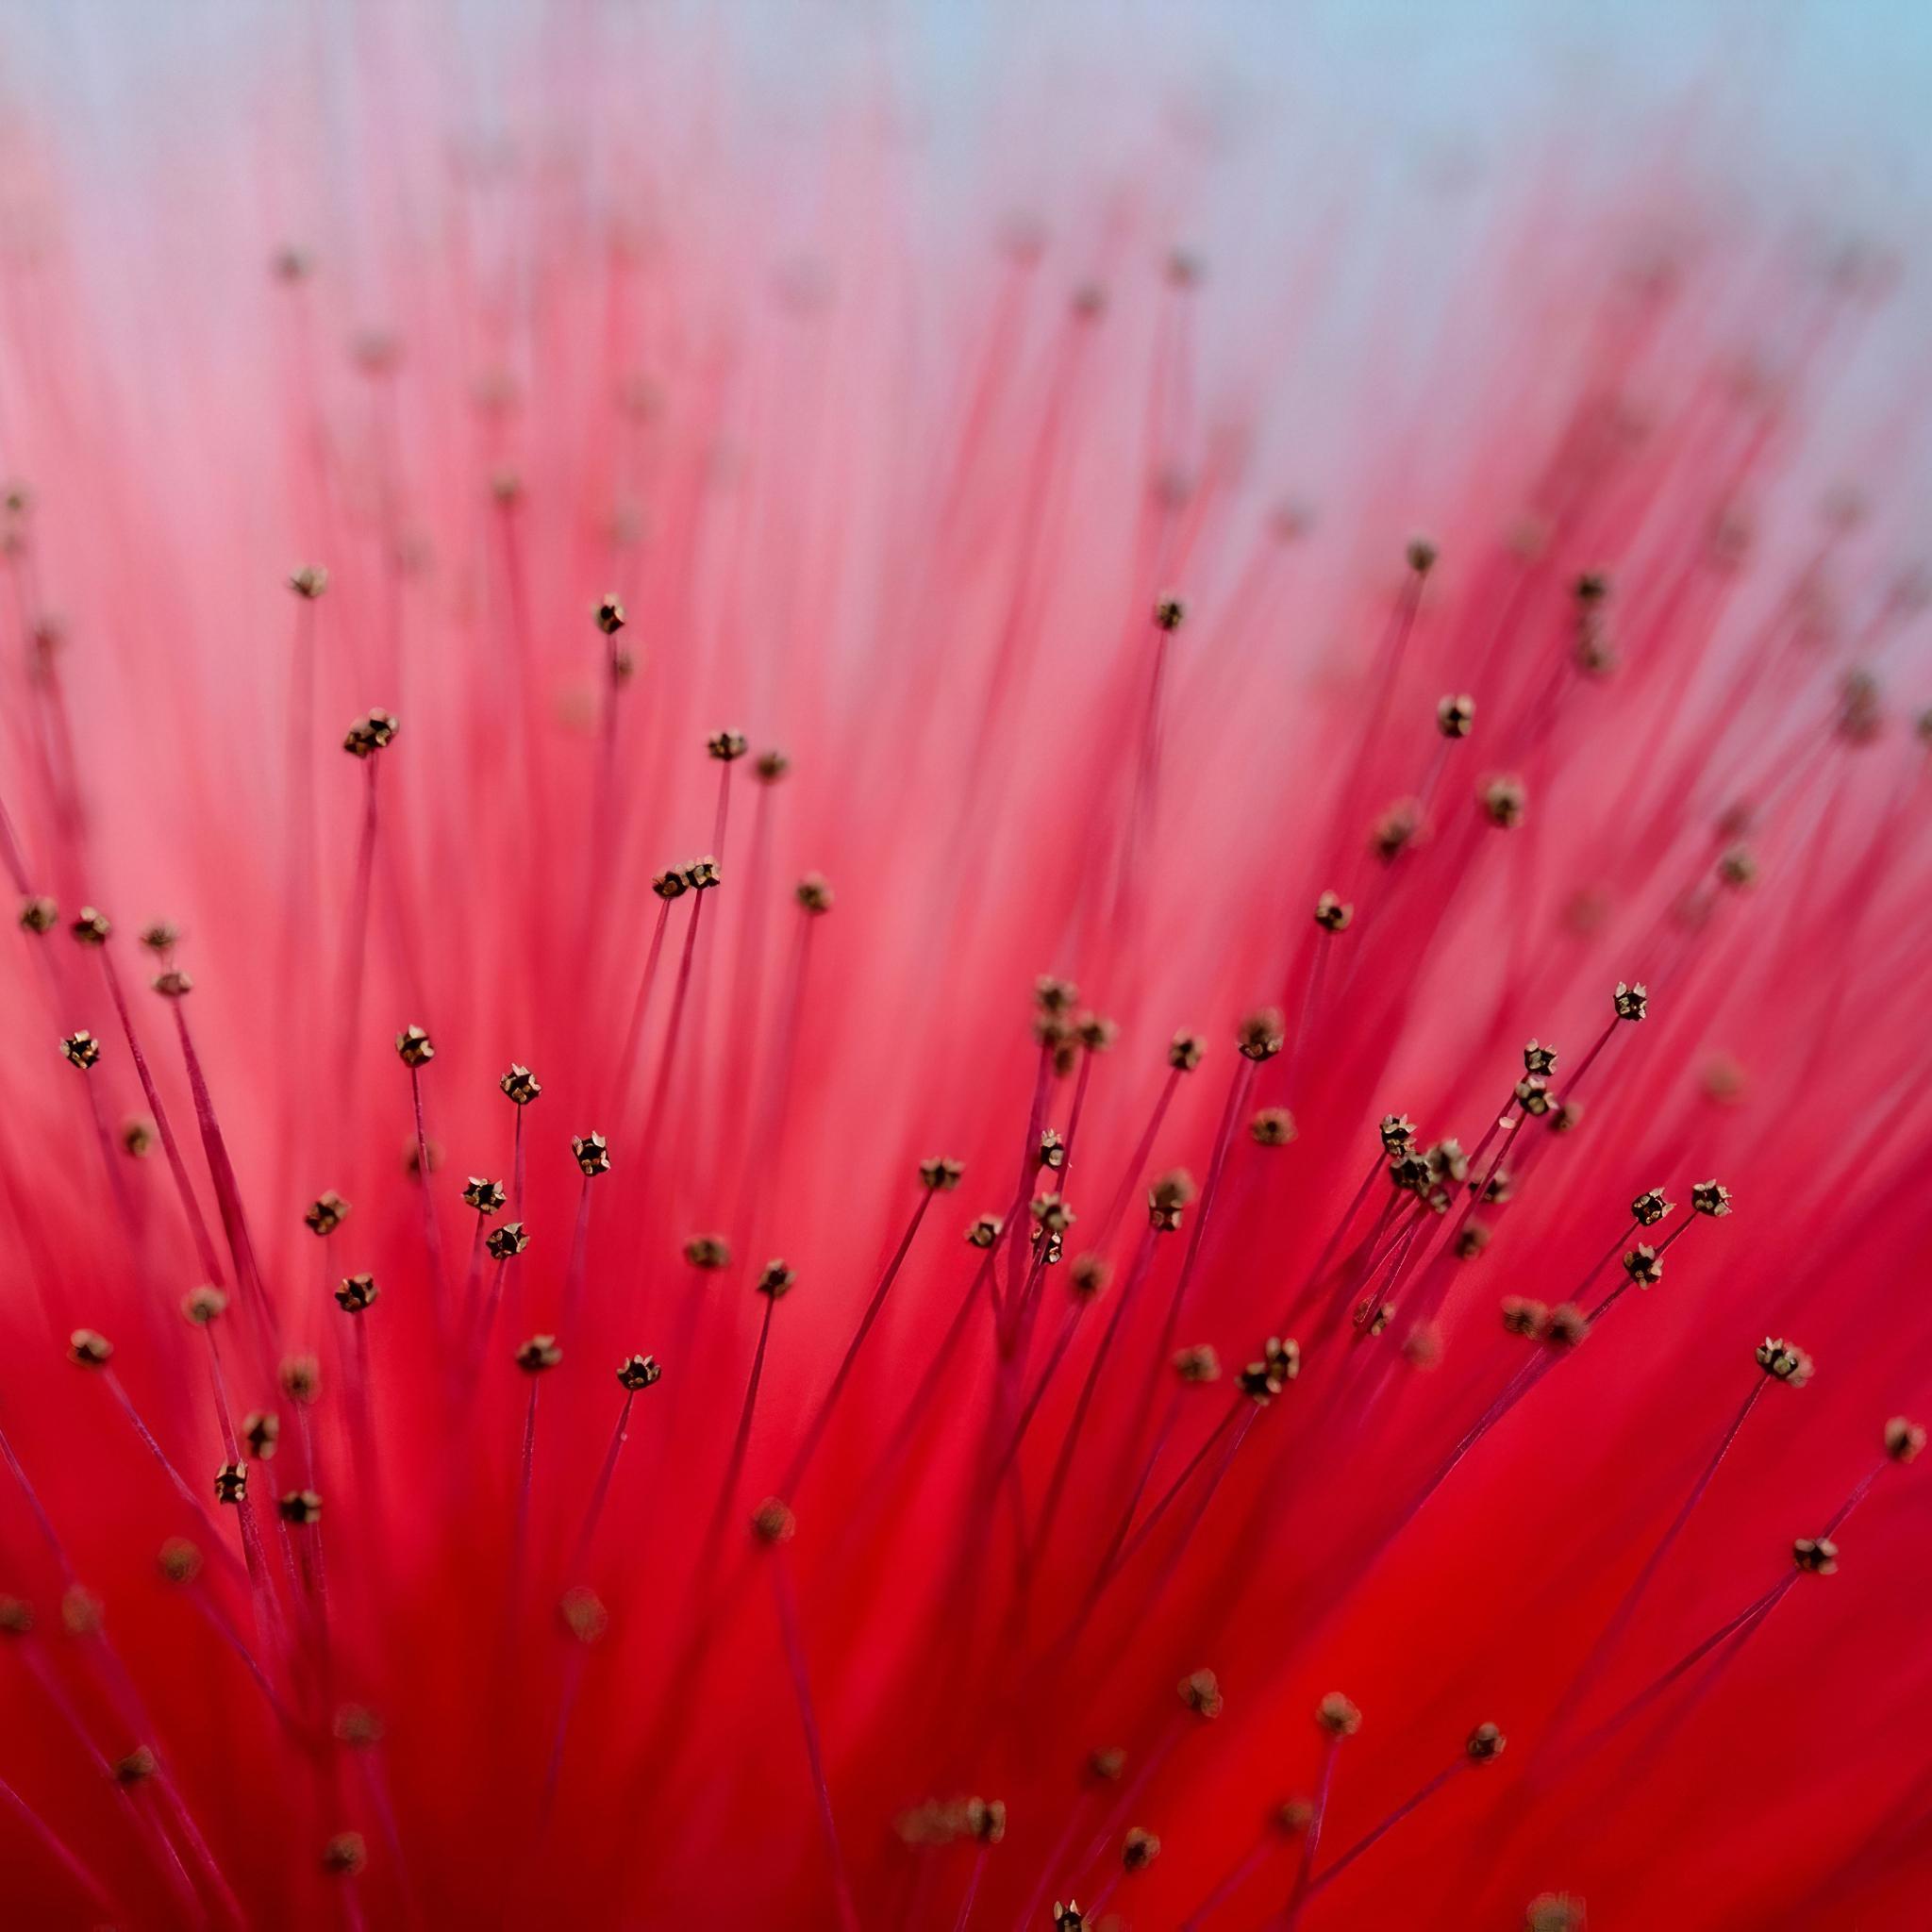 calliandra-flowers-4k-6z.jpg